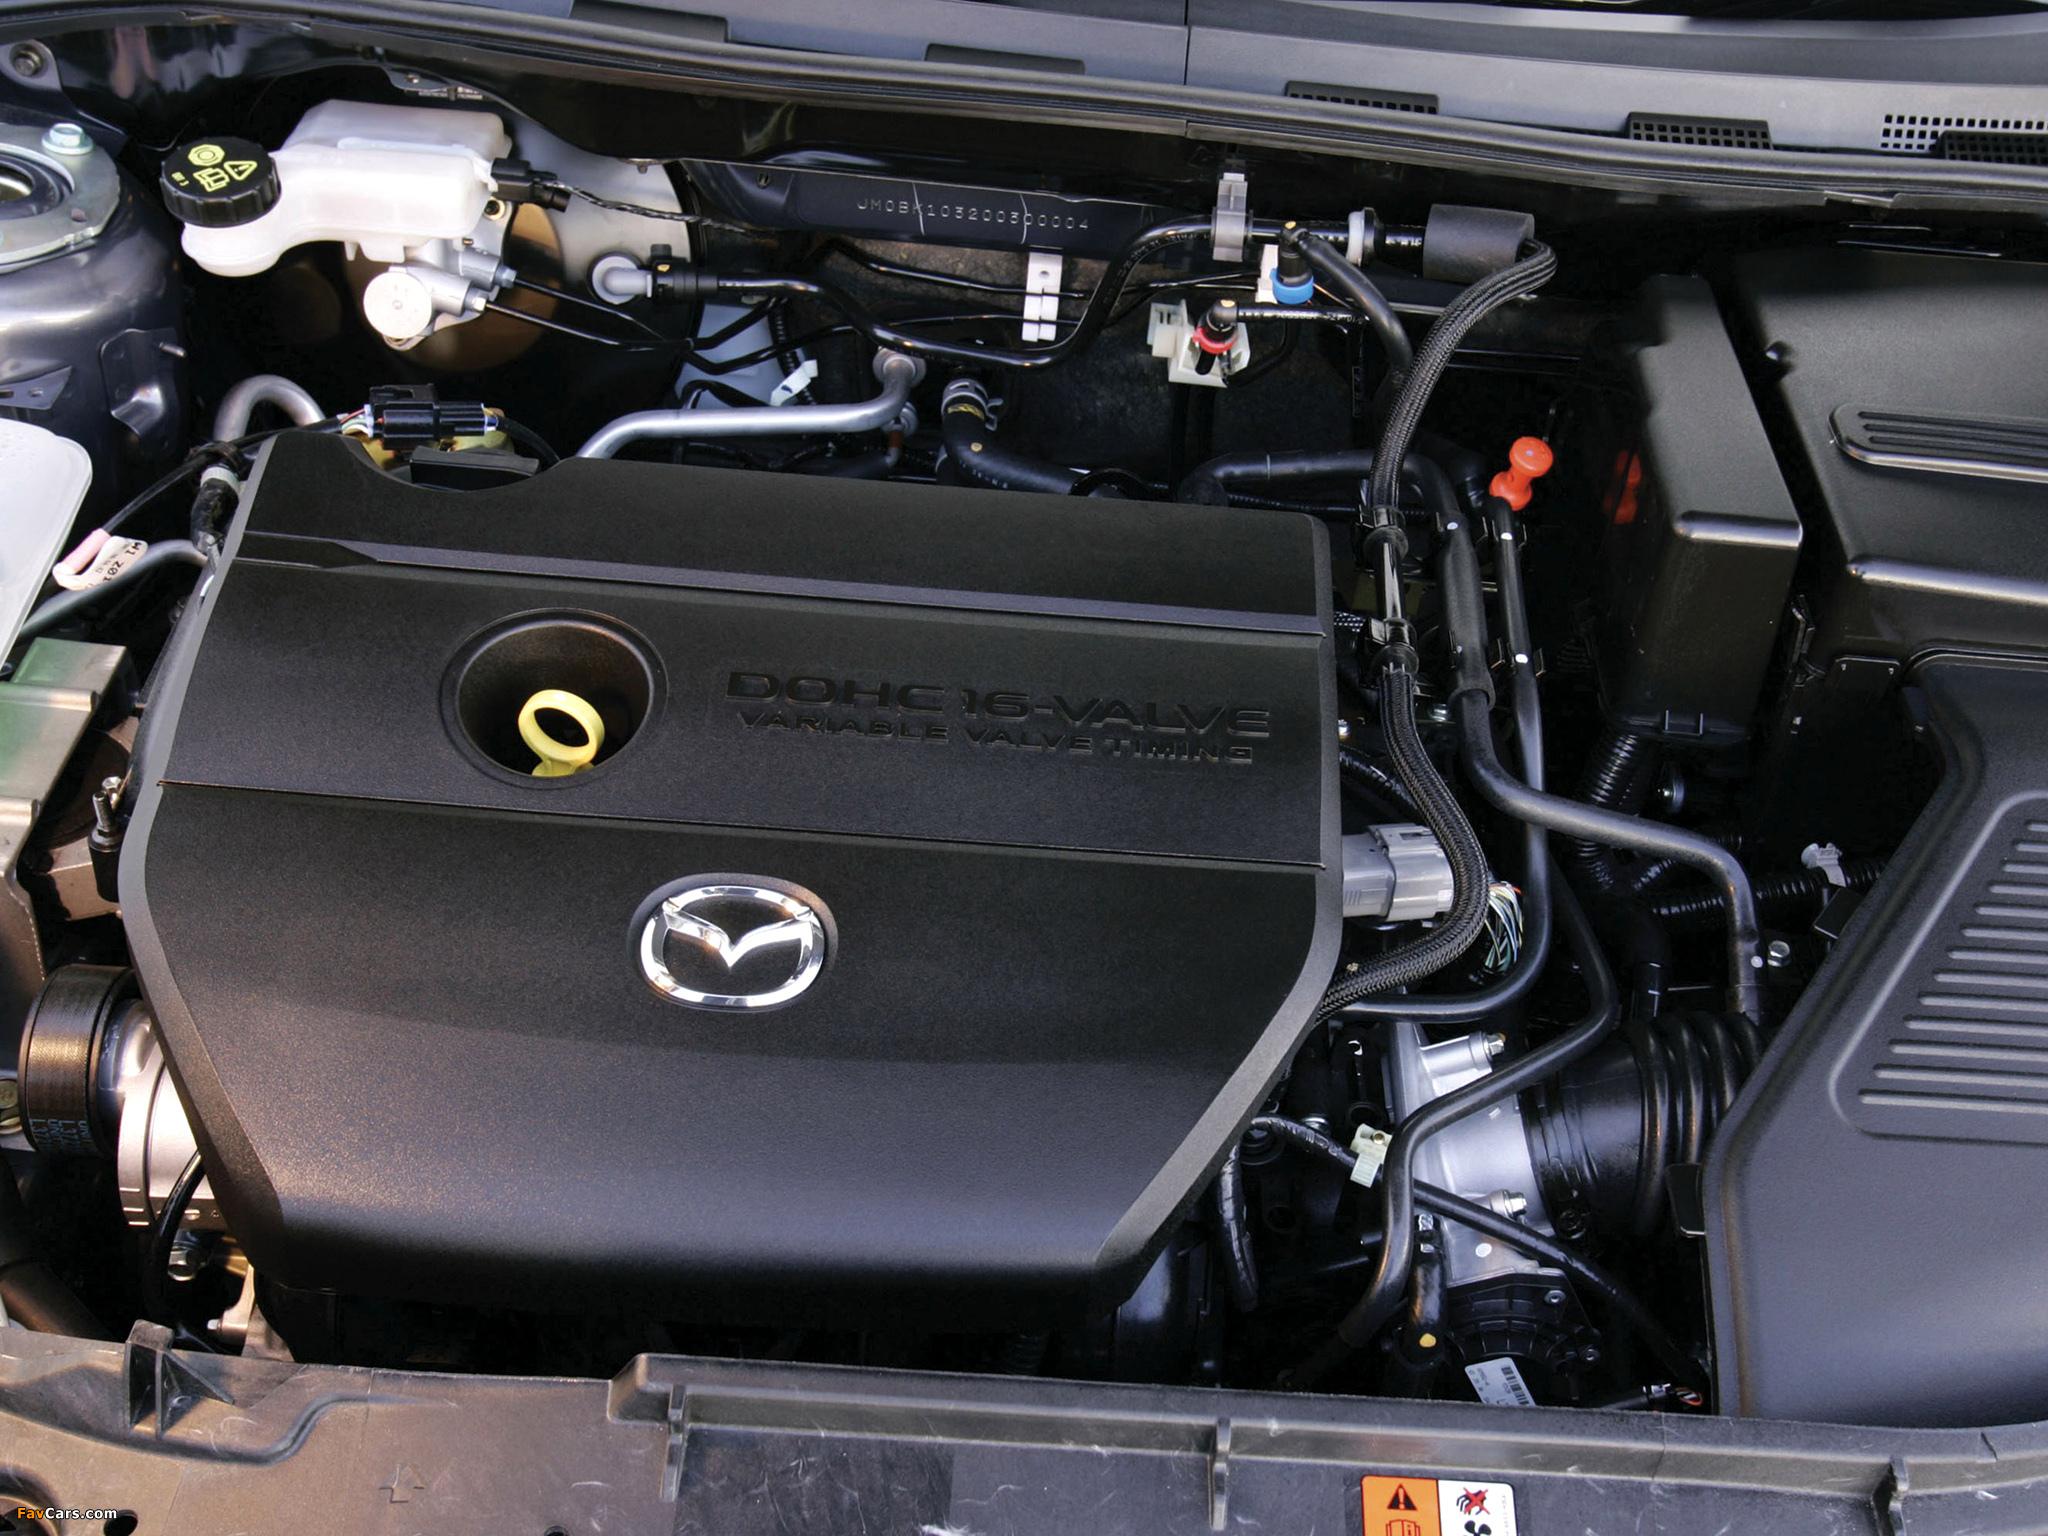 Проверка исполнительного механизма изменения фаз газораспределения (L3) на Mazda 3 (I)